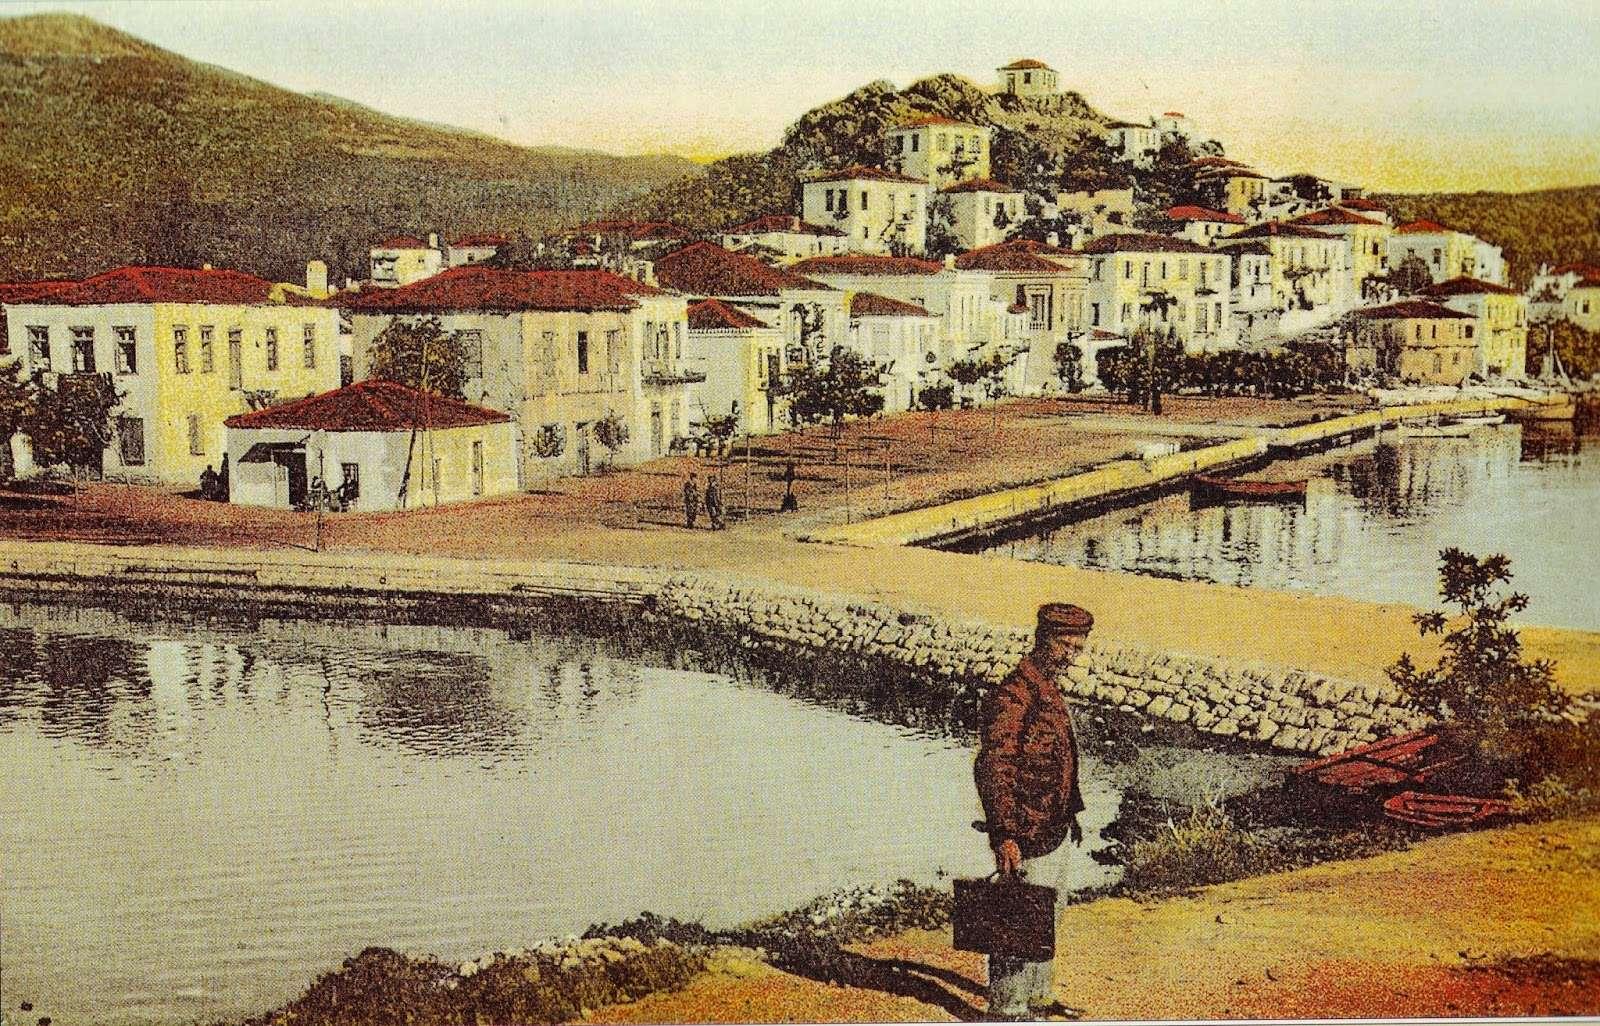 Το λιμάνι της Σκιάθου (από παλιά γκραβούρα)